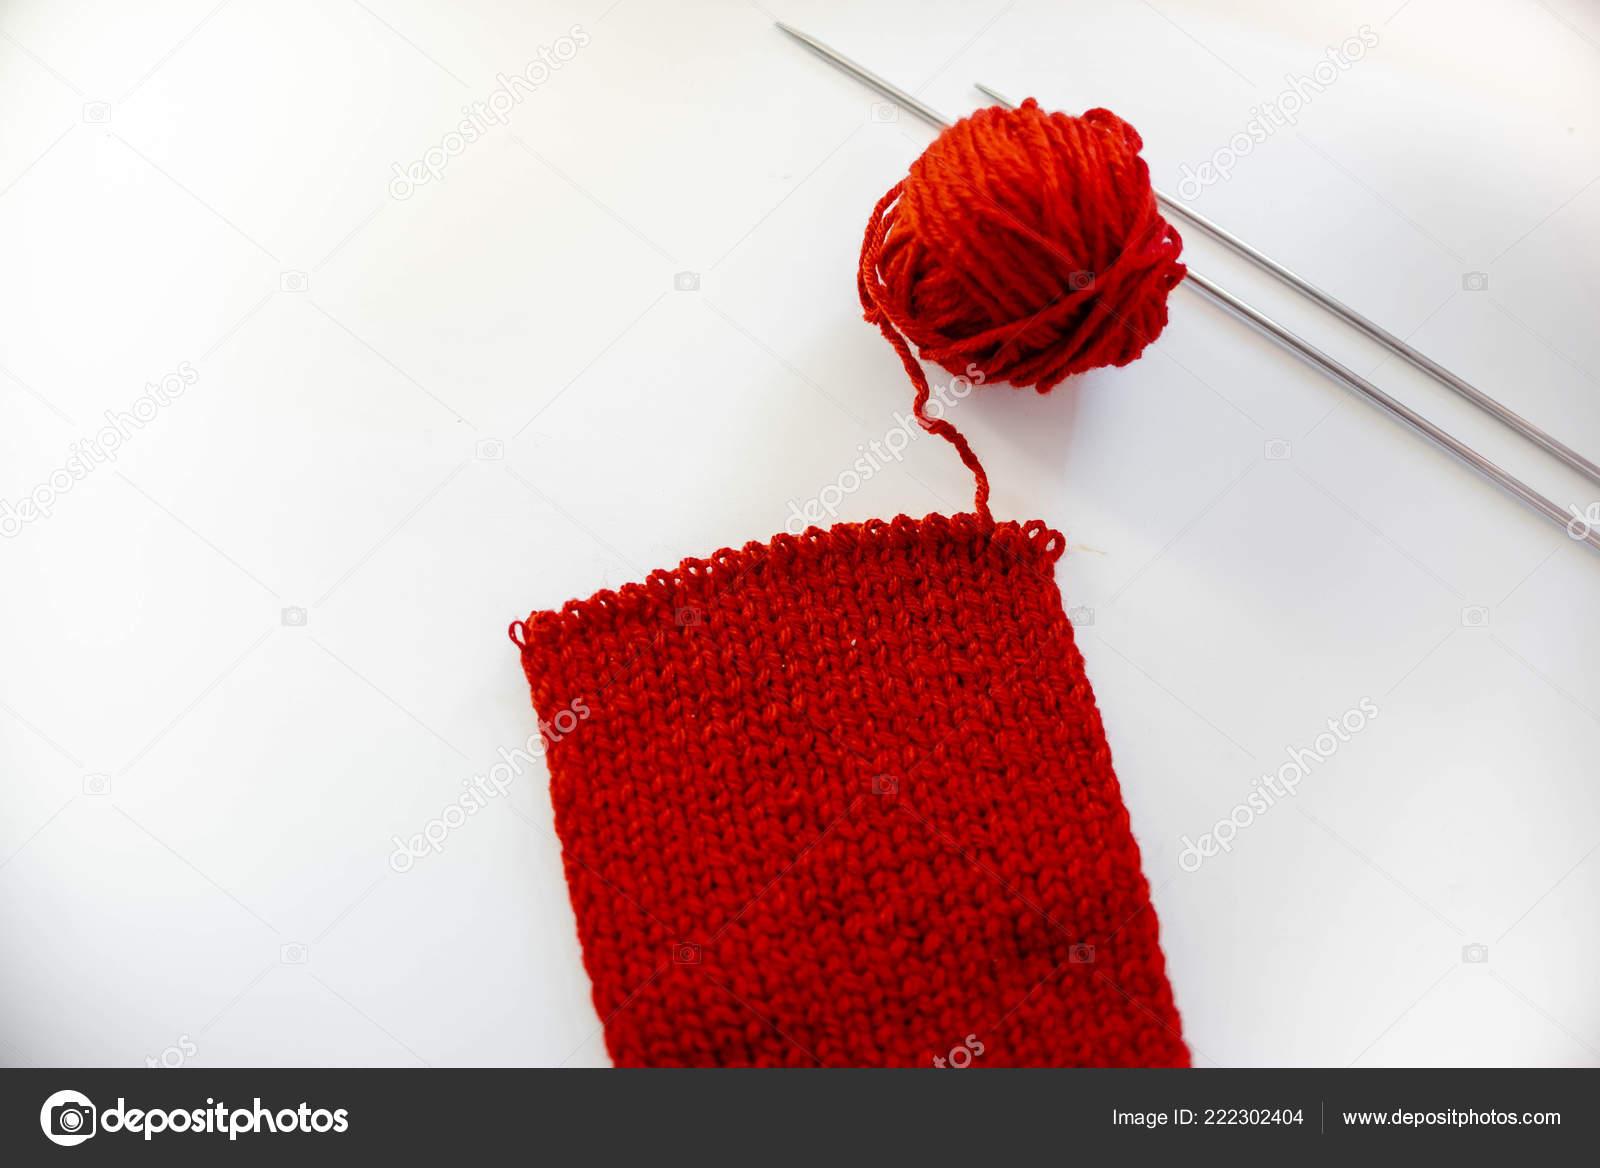 Bufanda Punto Rojo Acabada Actividades Tiempo Libre Hobby Hilos ...